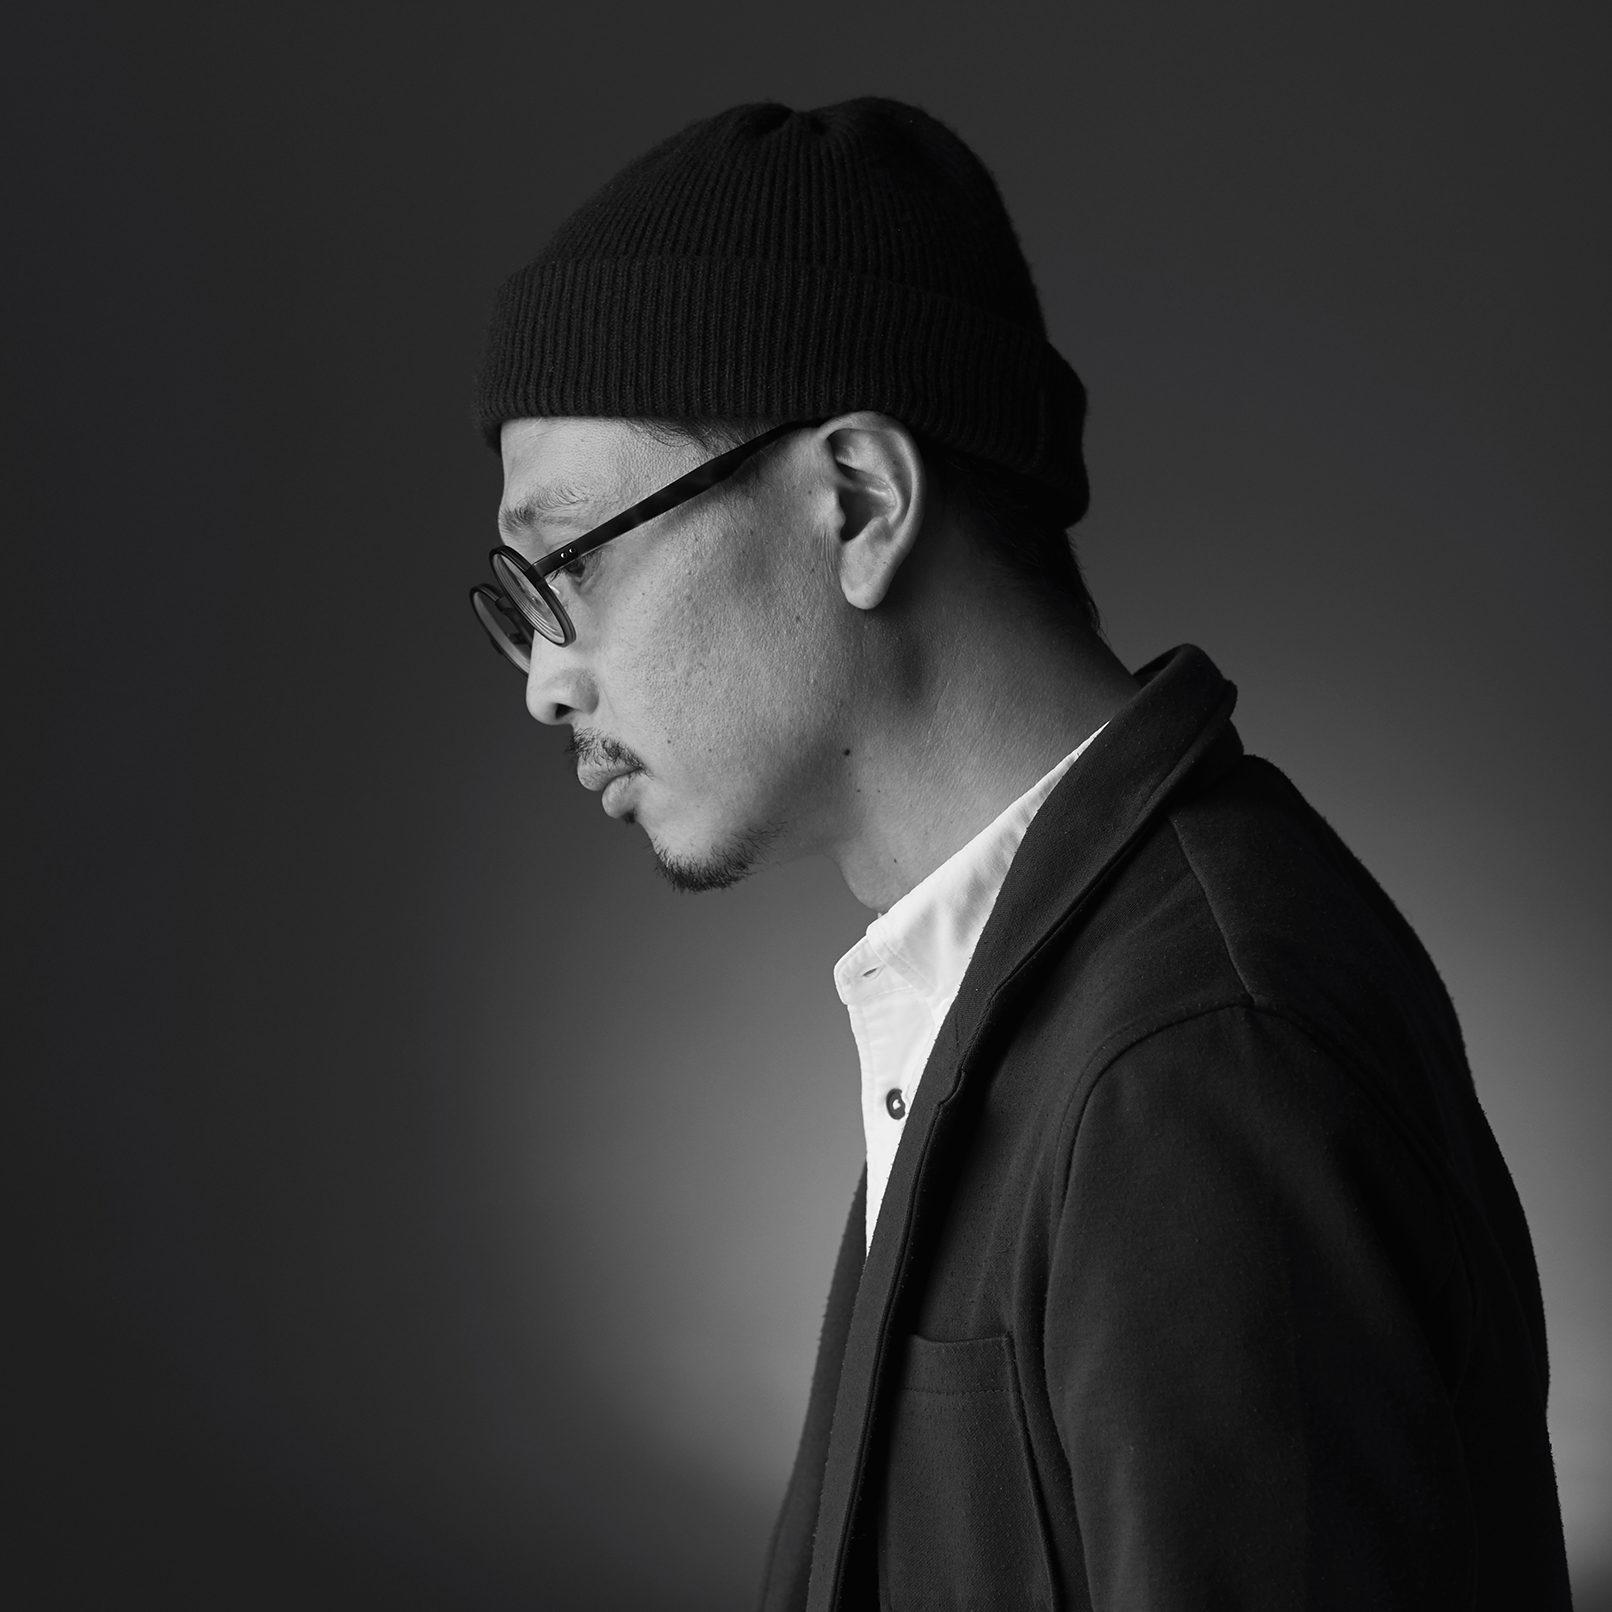 藤原靖史(Fujiwara Yasushi)